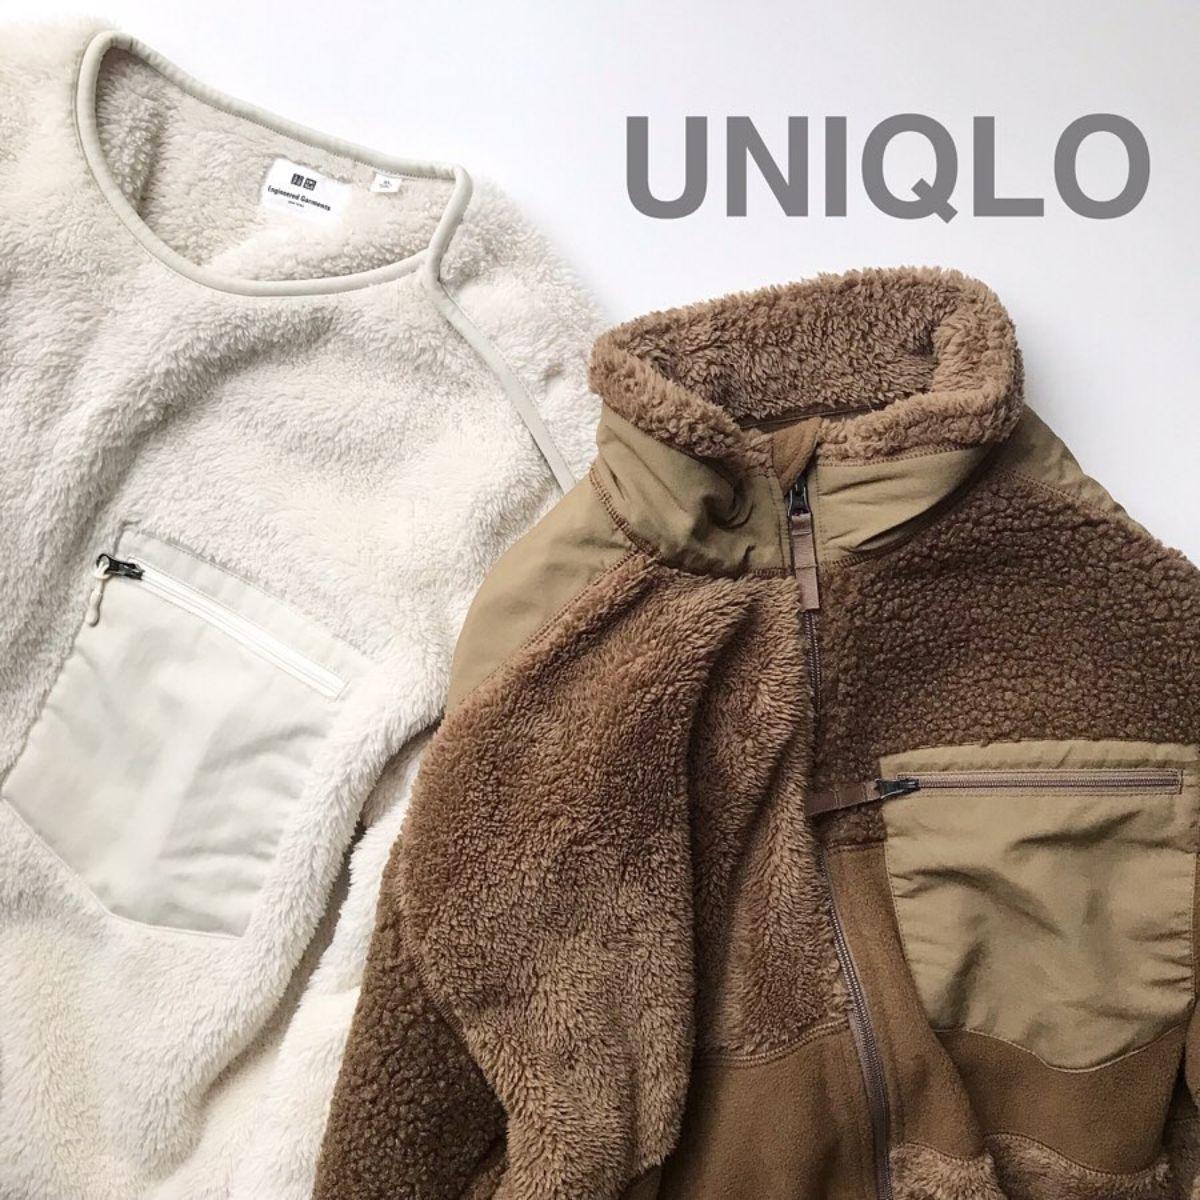 ユニクロ メンズの「フリースコンビネーションジャケット」はGETした?女子が着てもかわいい最強アウターなんです♡